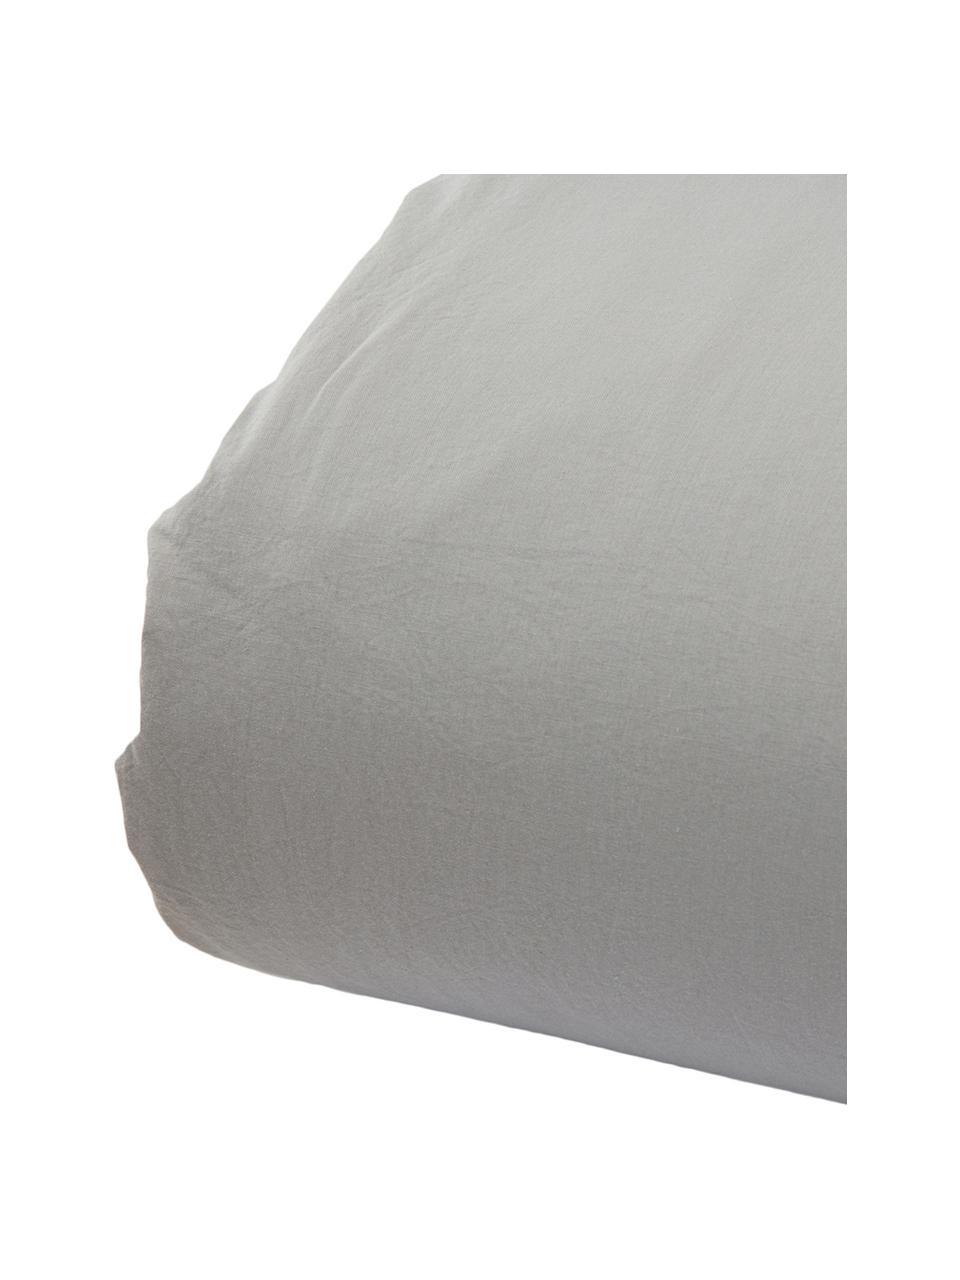 Parure copripiumino in cotone effetto stone washed Velle, Tessuto: cotone ranforce, Fronte e retro: grigio chiaro, 155 x 200 cm + 1 federa 50 x 80 cm